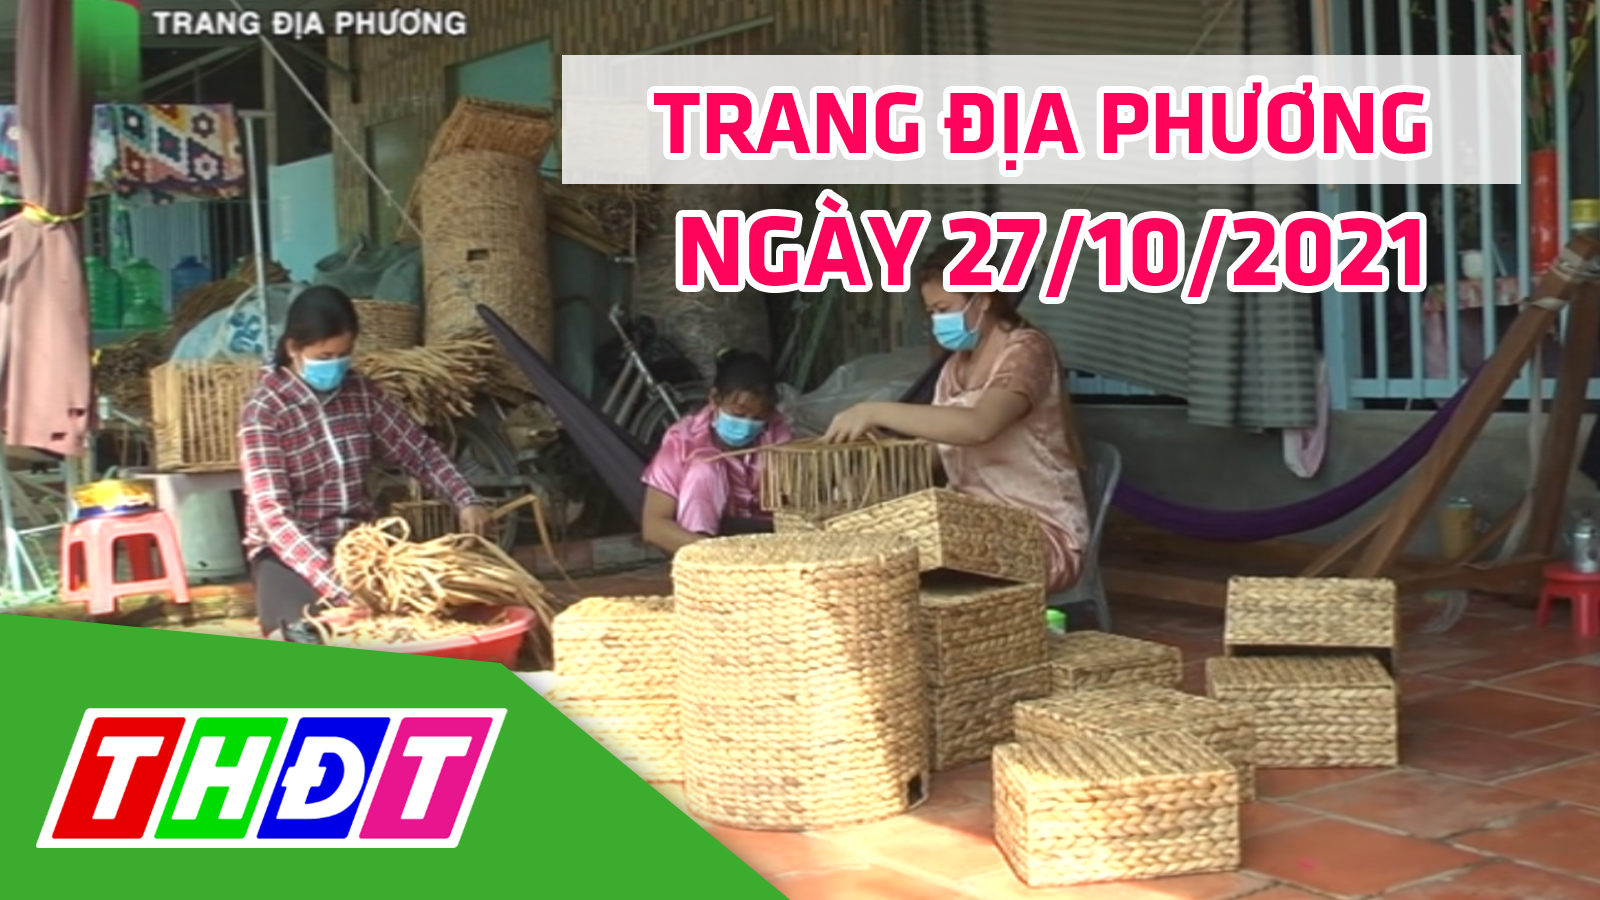 Trang địa phương - Thứ Tư, 27/10/2021 - H.Cao Lãnh